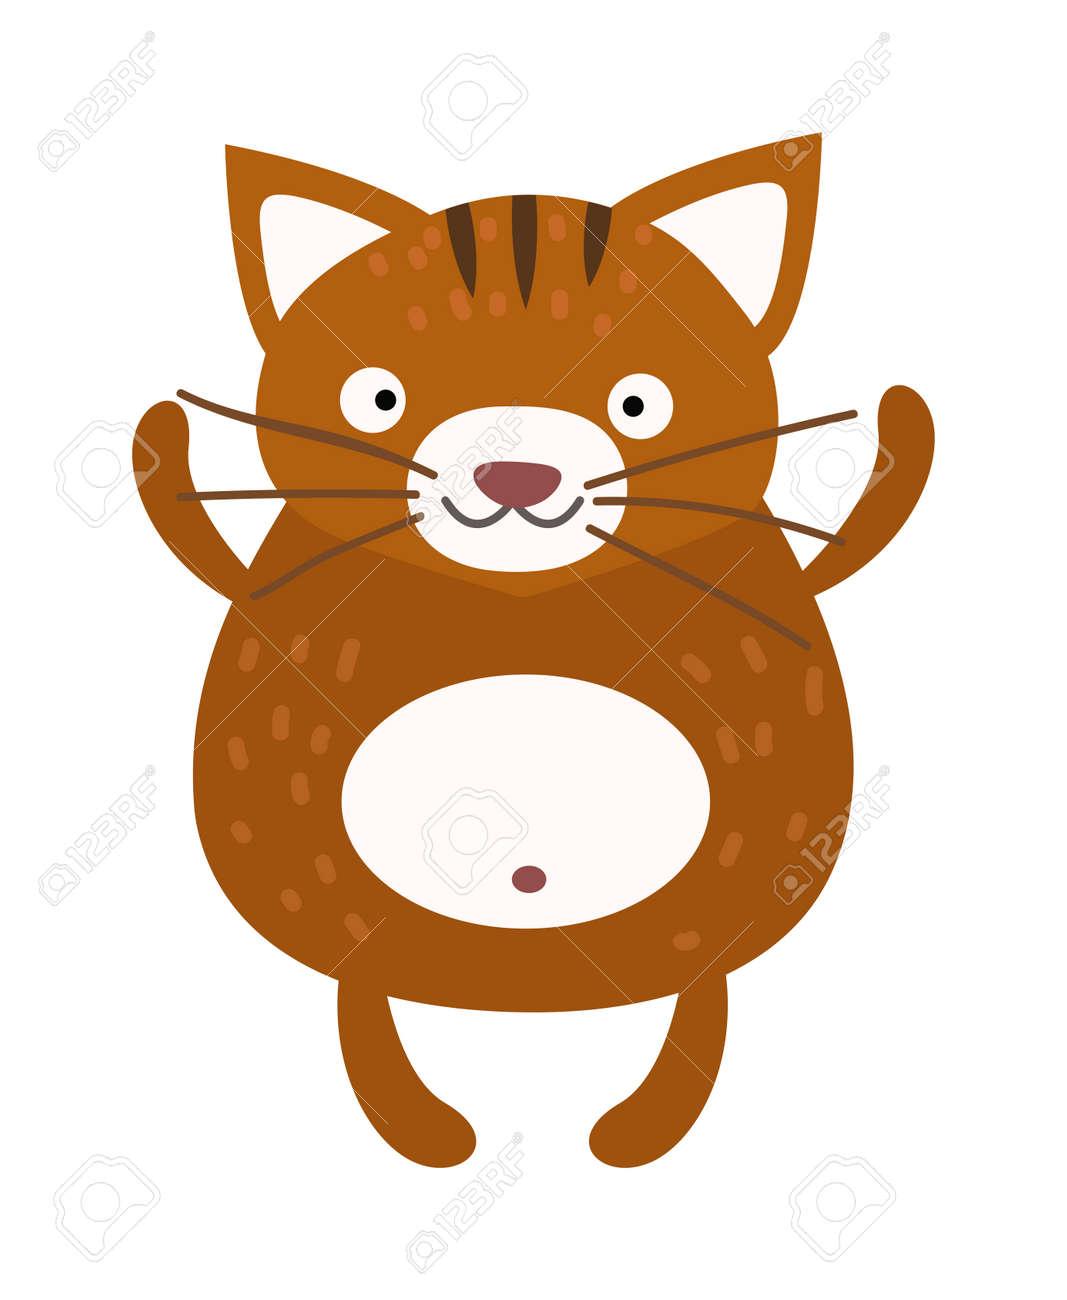 Gato De Dibujos Animados De Color Marron Y Gato Domestico De Dibujos